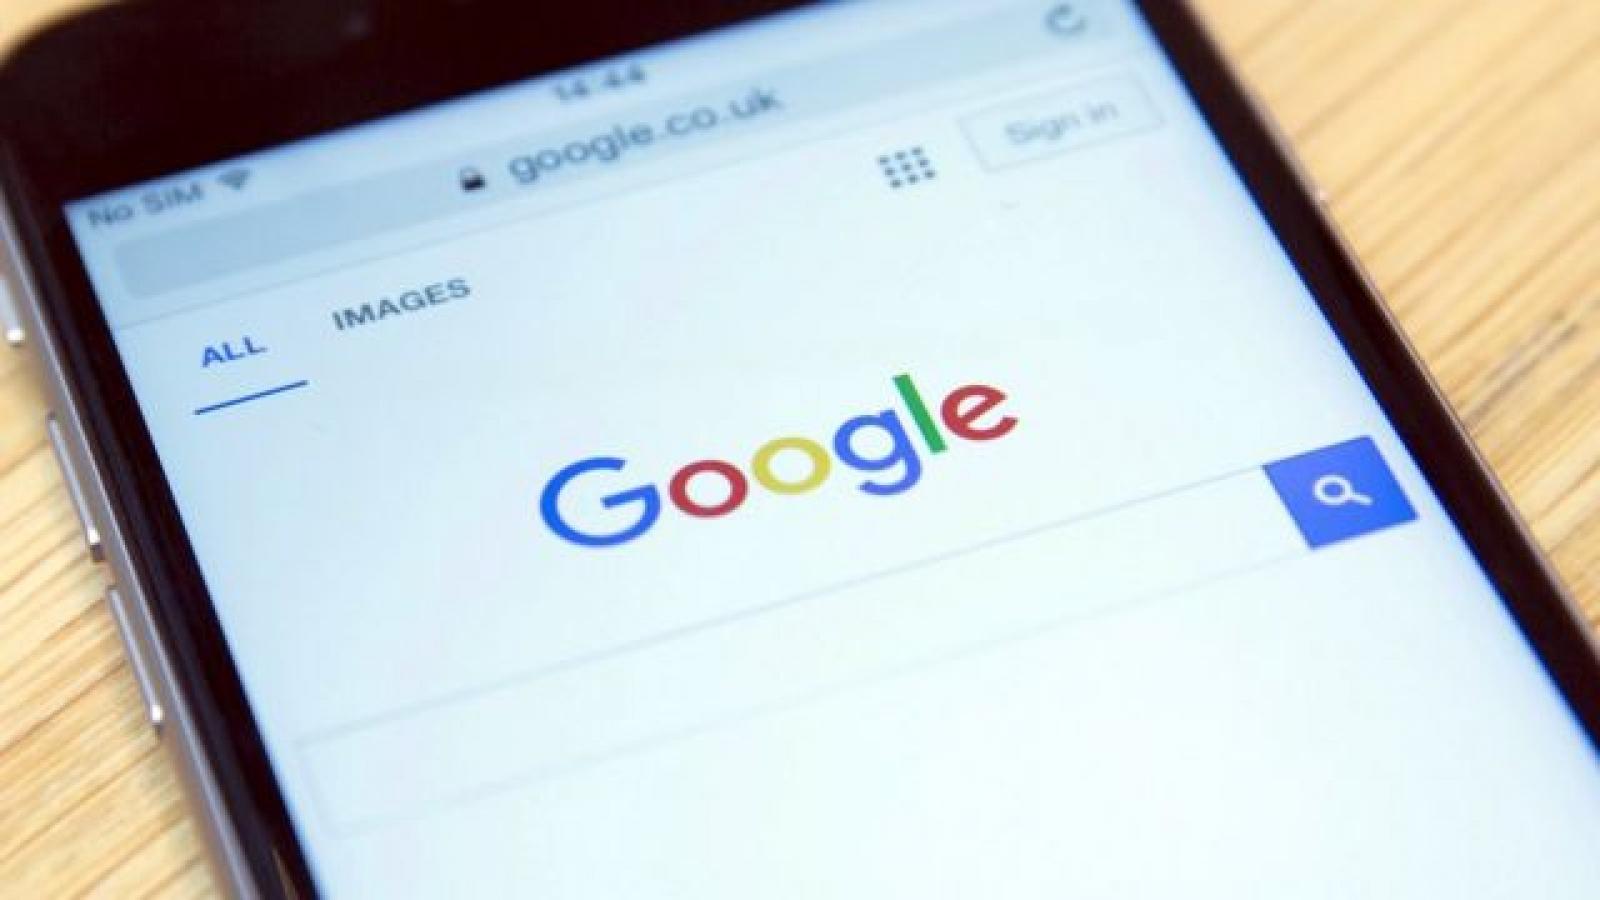 Google góp 25 triệu Euro cho quỹ chống tin giả